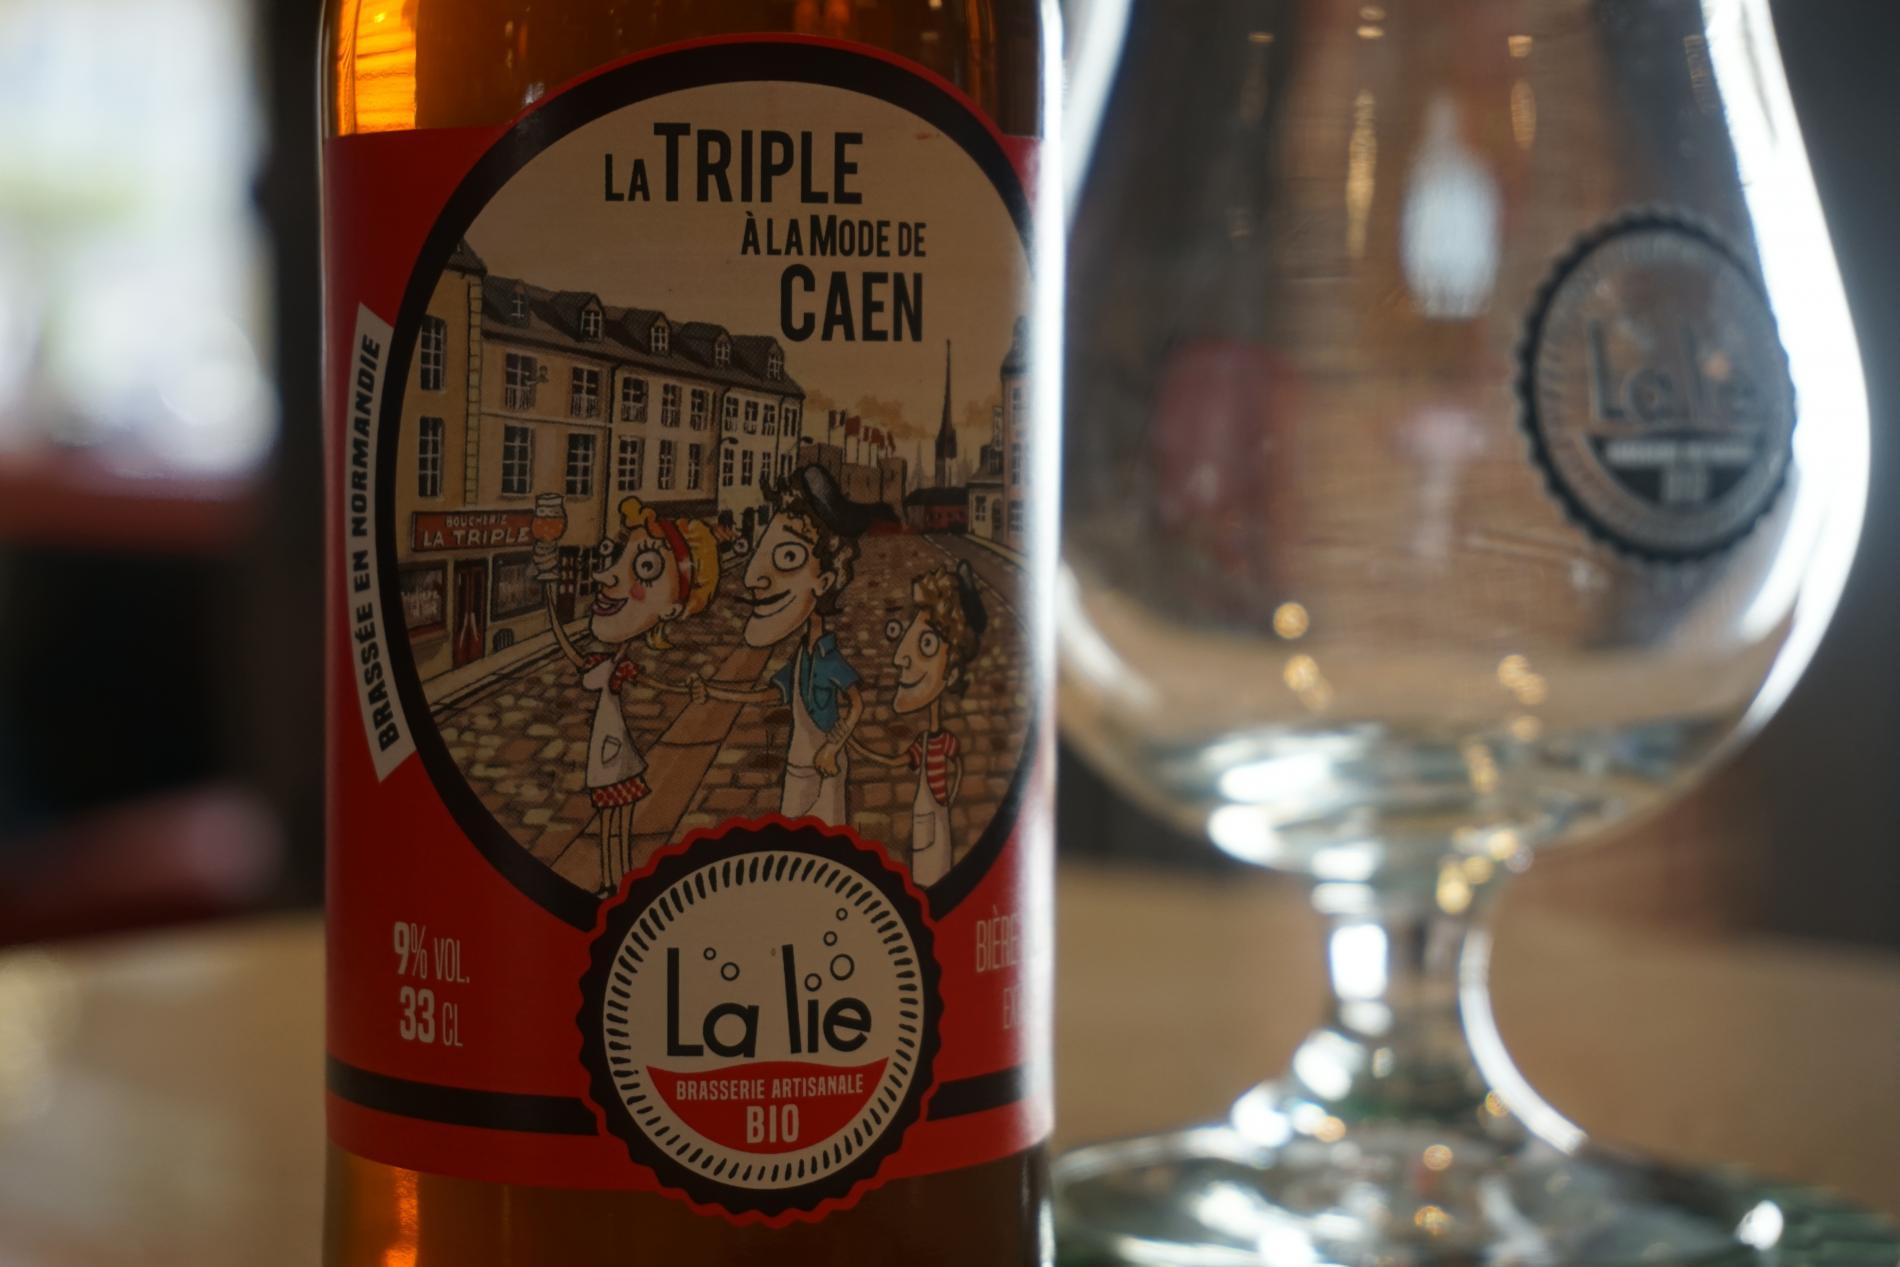 Les bières normandes au Bar de la Couronne